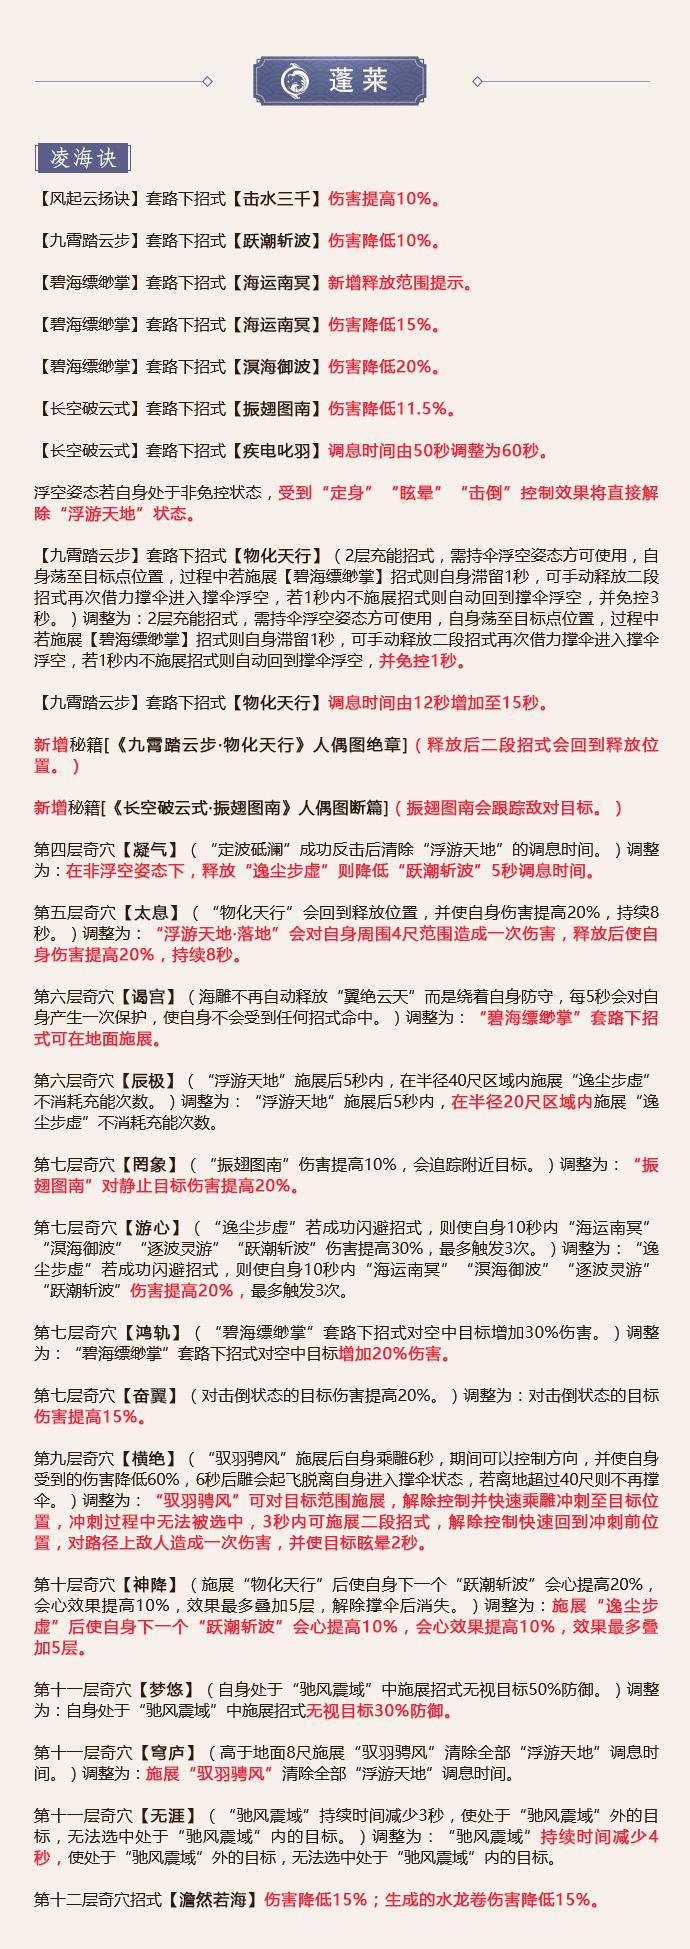 《剑网3》怒海争锋6月20日蓬莱技改